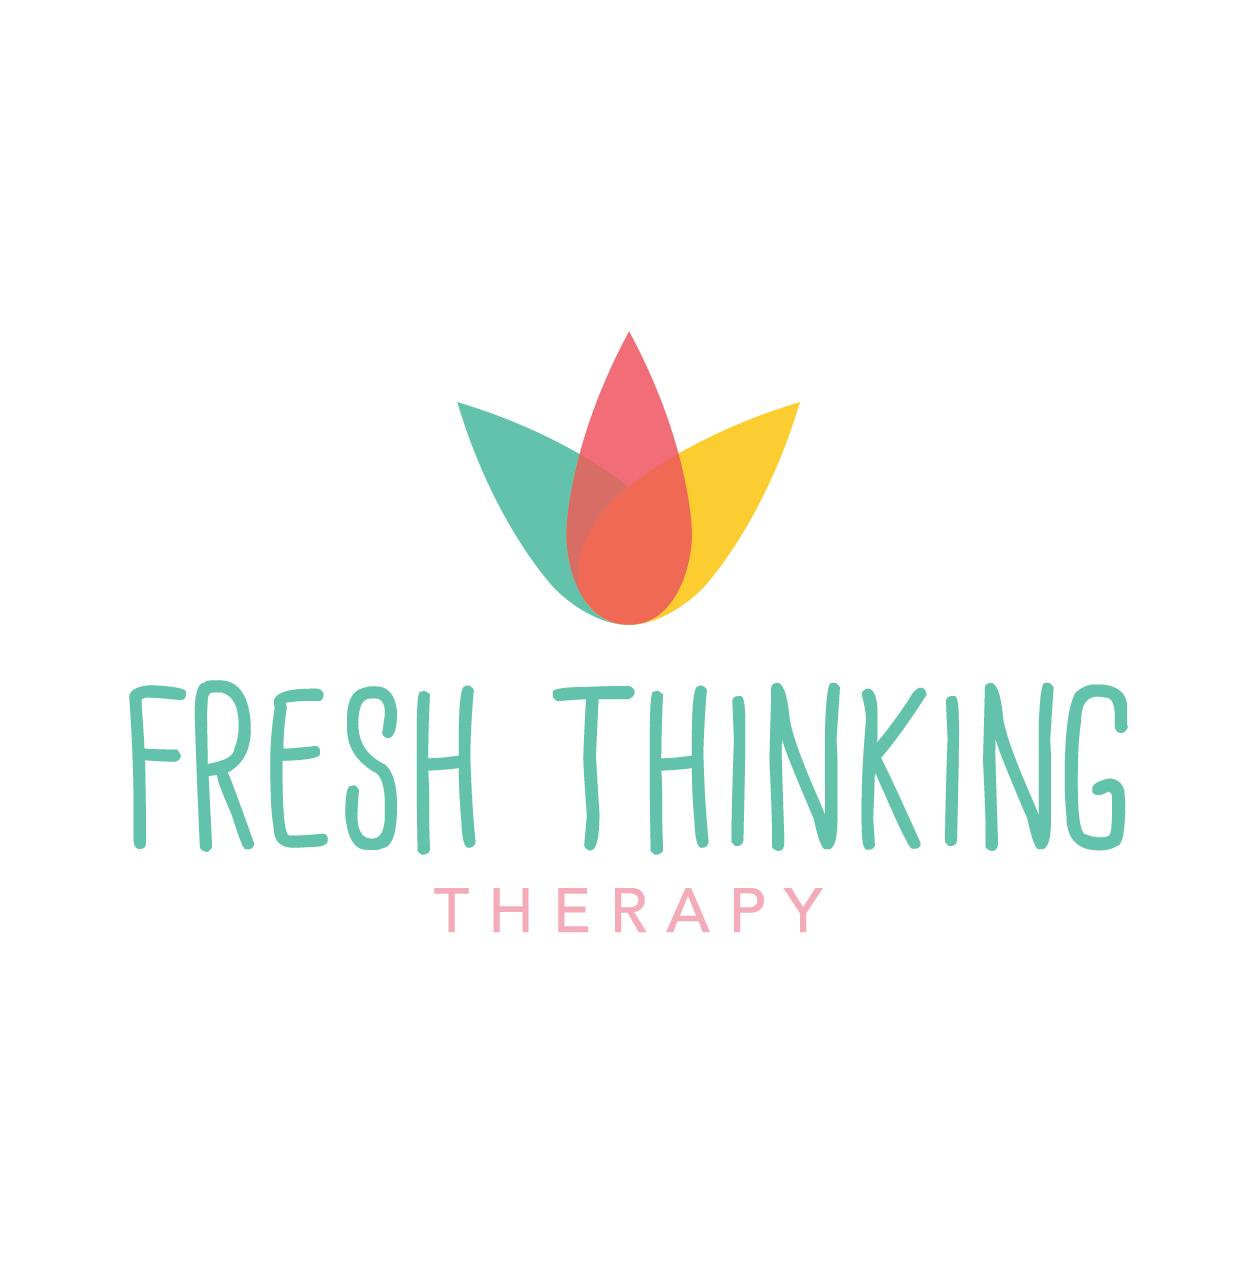 Fresh Thinking Therapy  company logo